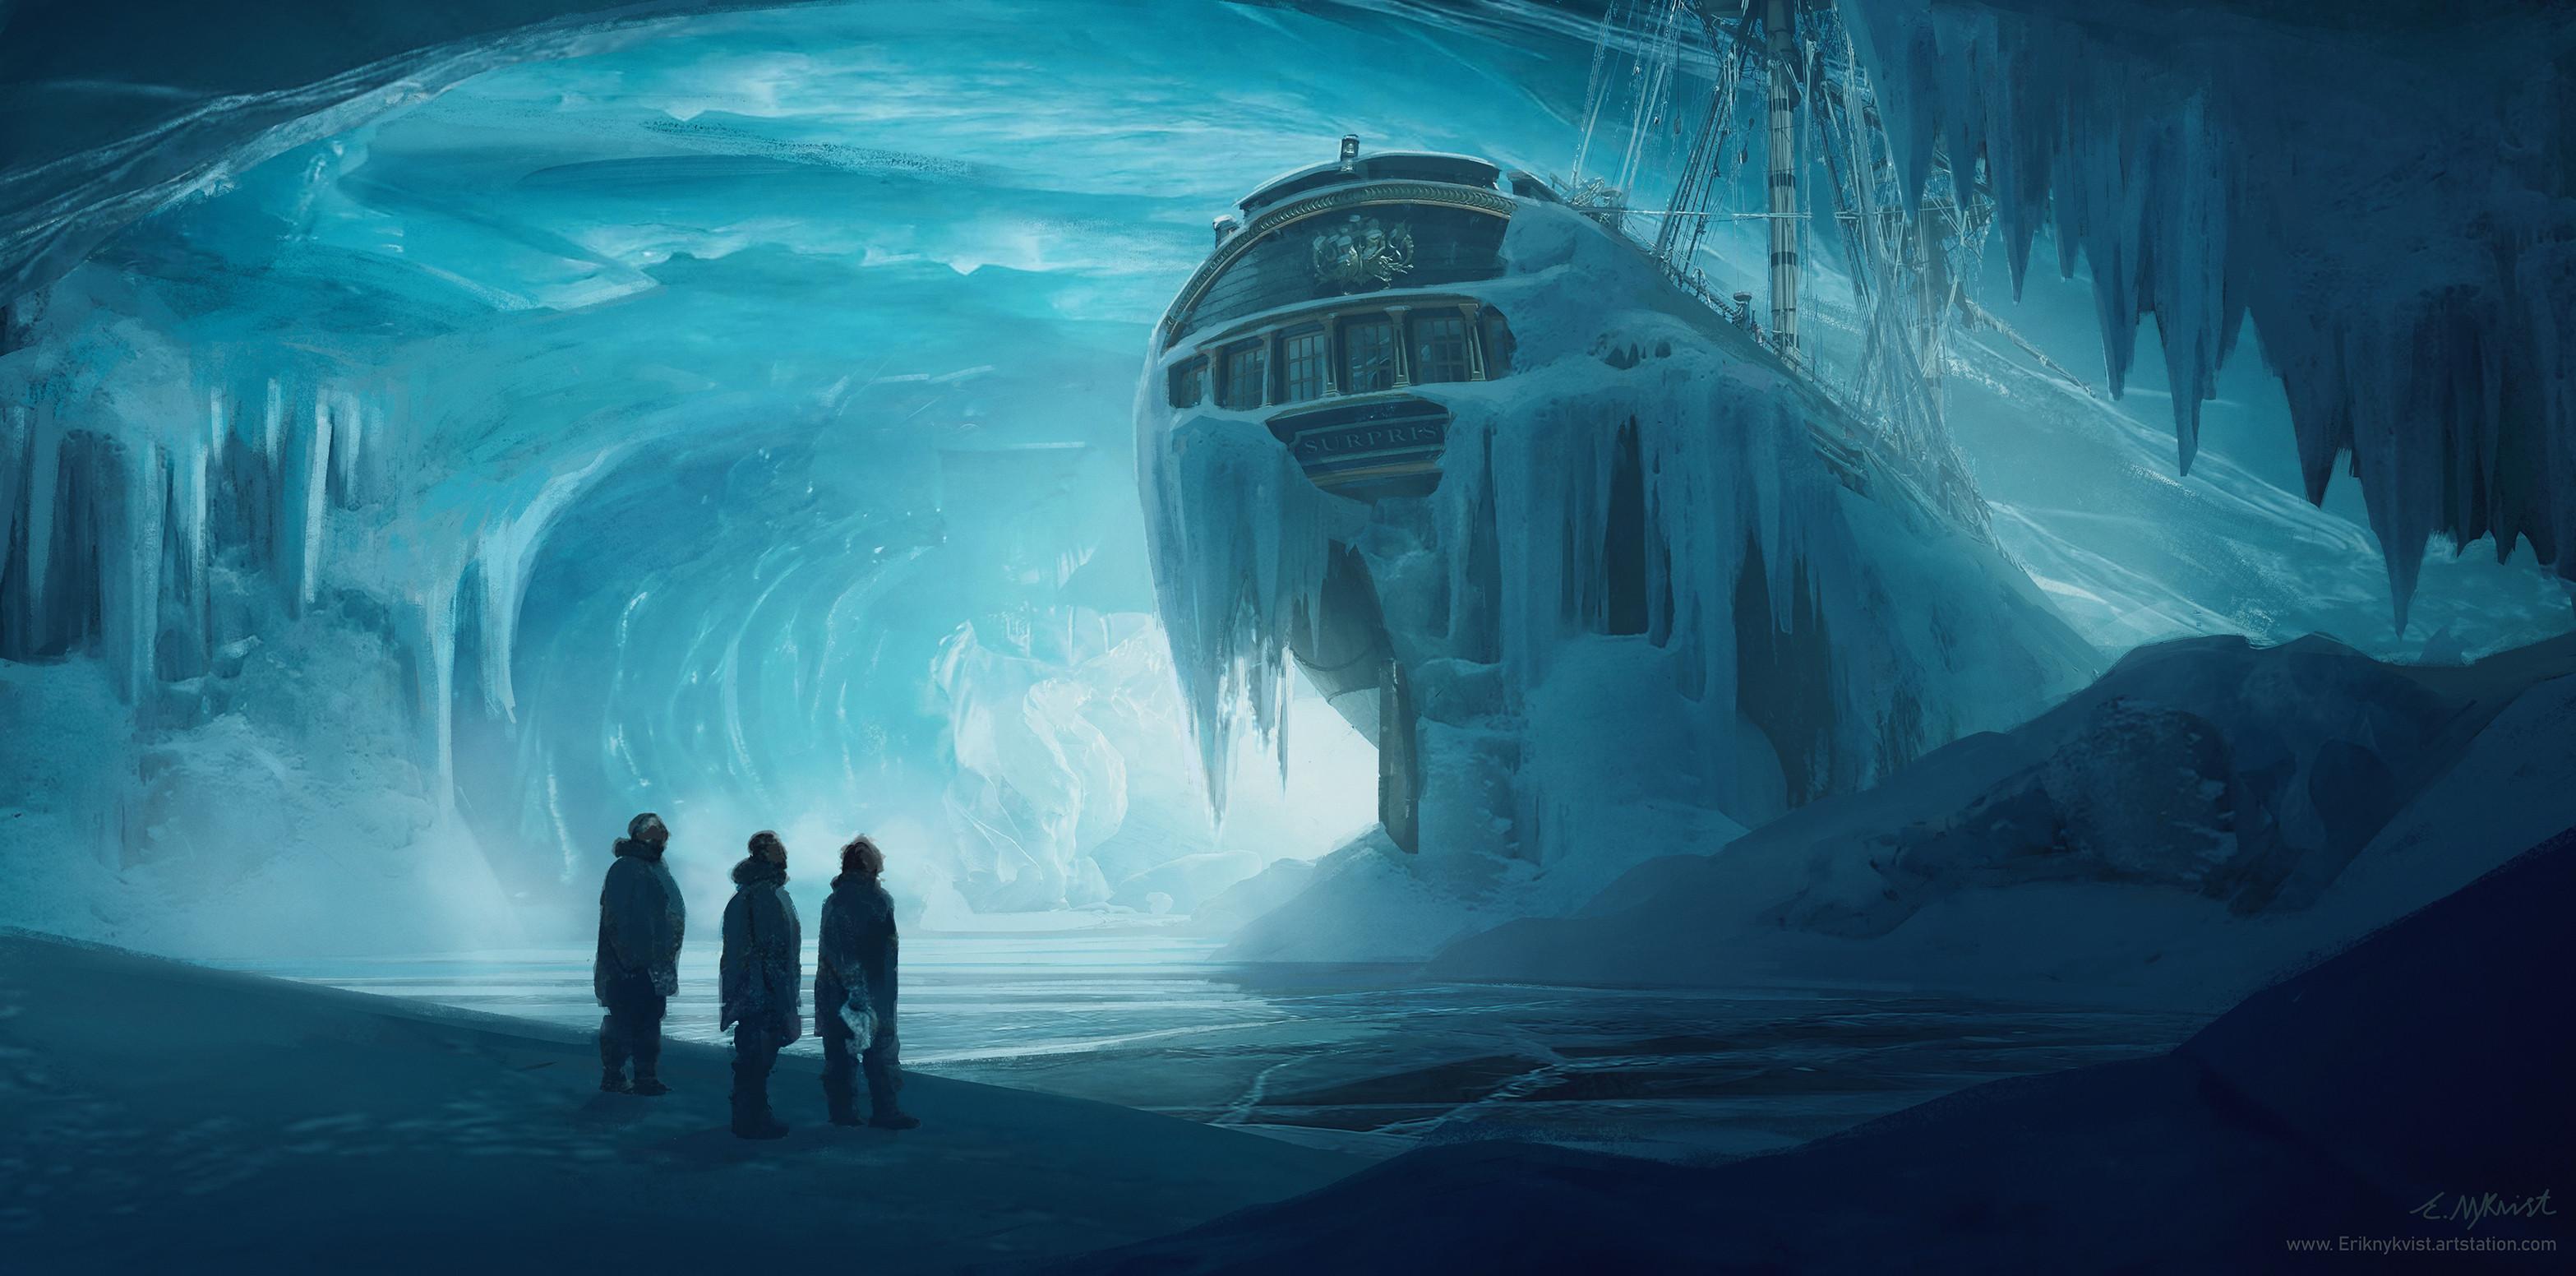 Frozen surprise